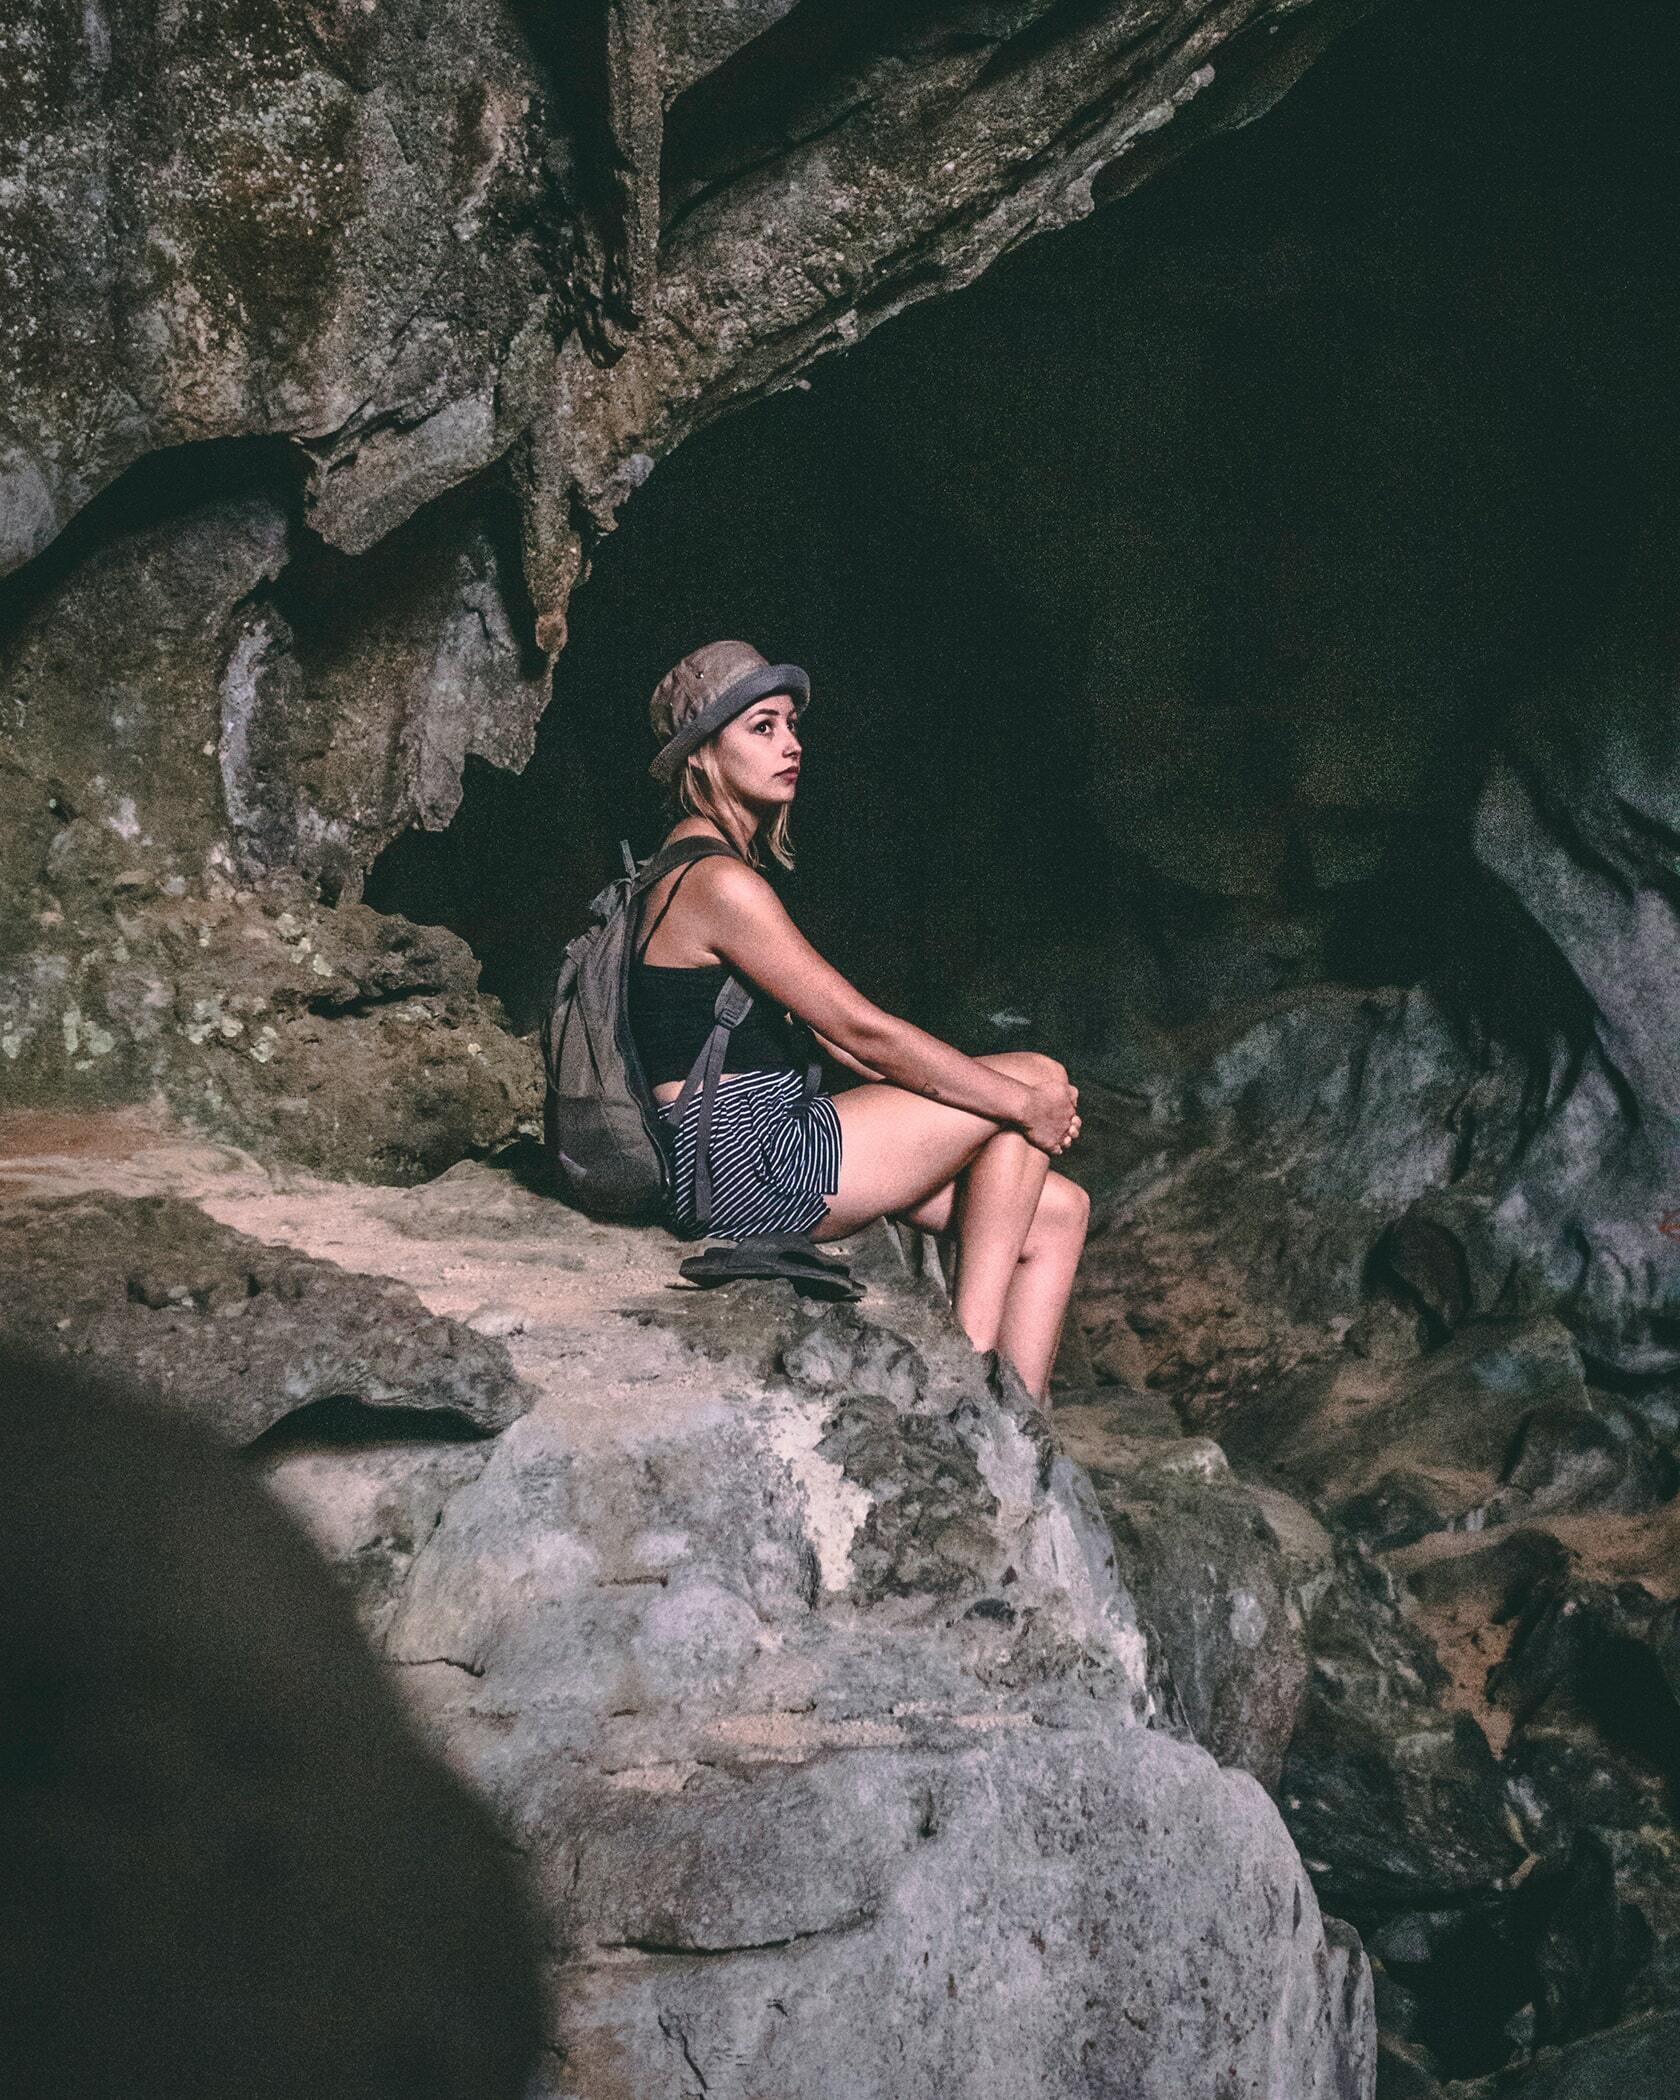 Foto van een persoon, zittend in een grot uit fotografie collectie mensen van Simon Wijers